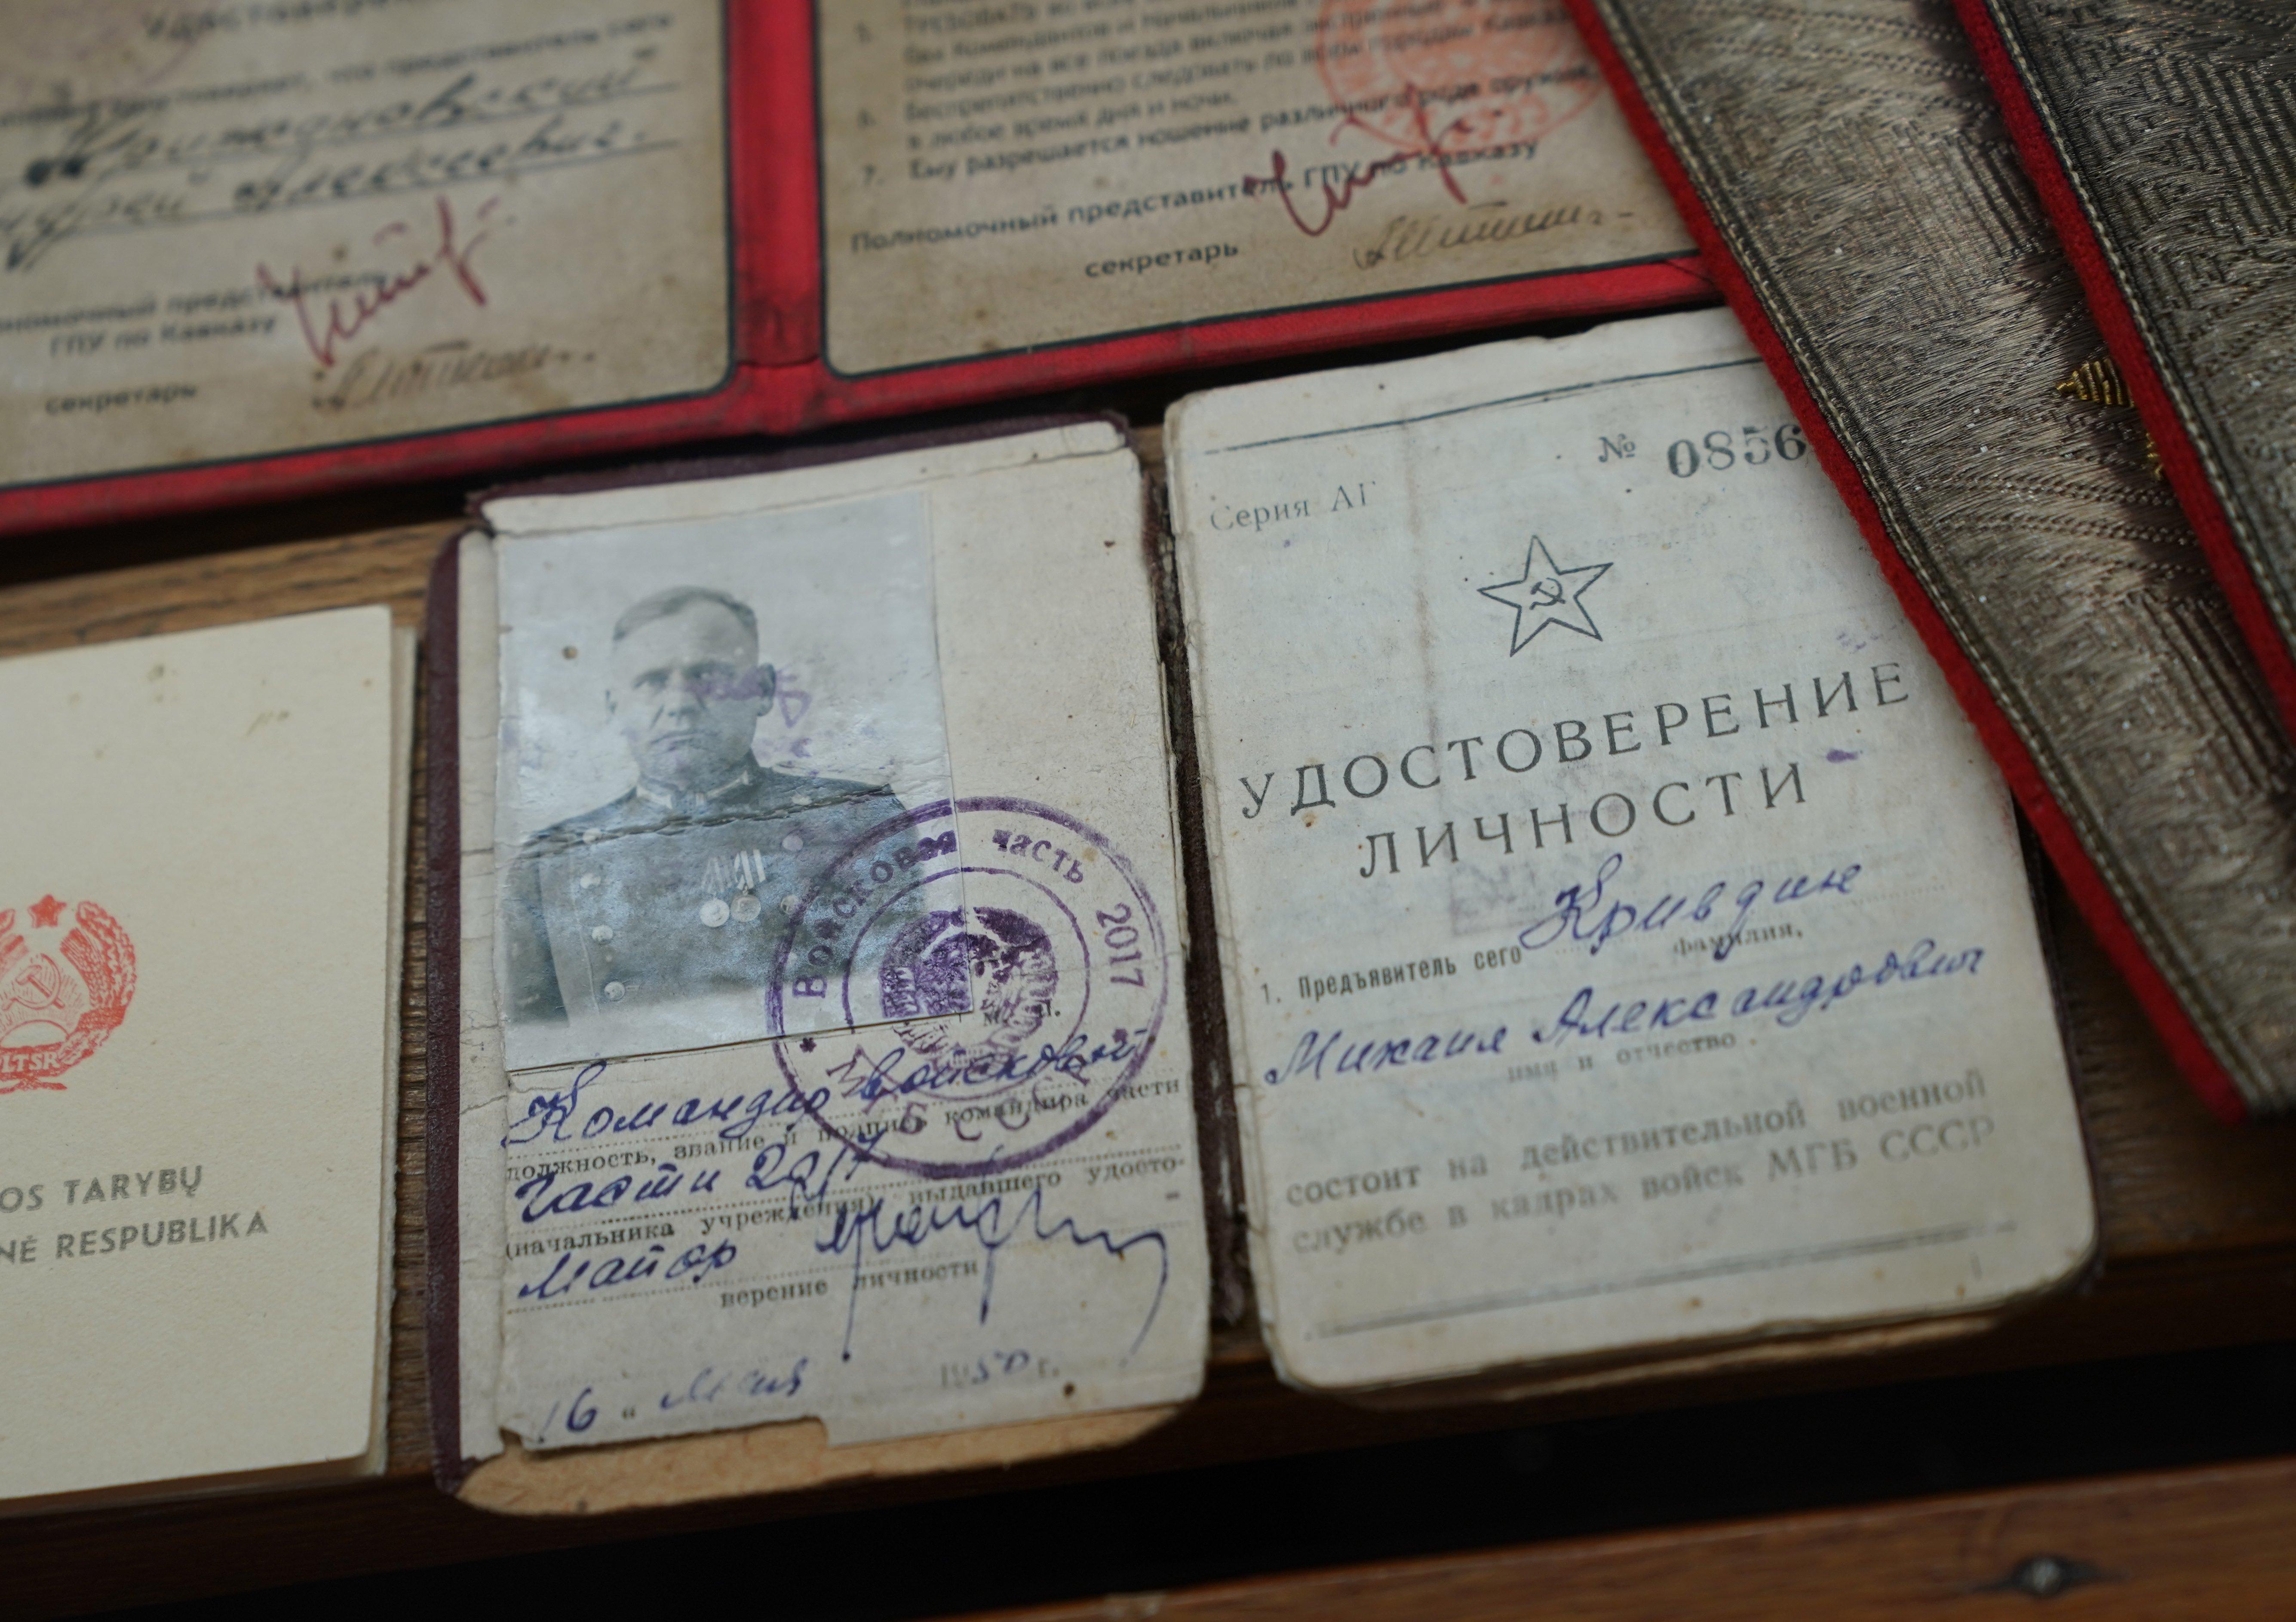 Μουσείο της KGB εγκαινιάστηκε στη Νέα Υόρκη - Σπάνιες φωτογραφίες, gadgets, και